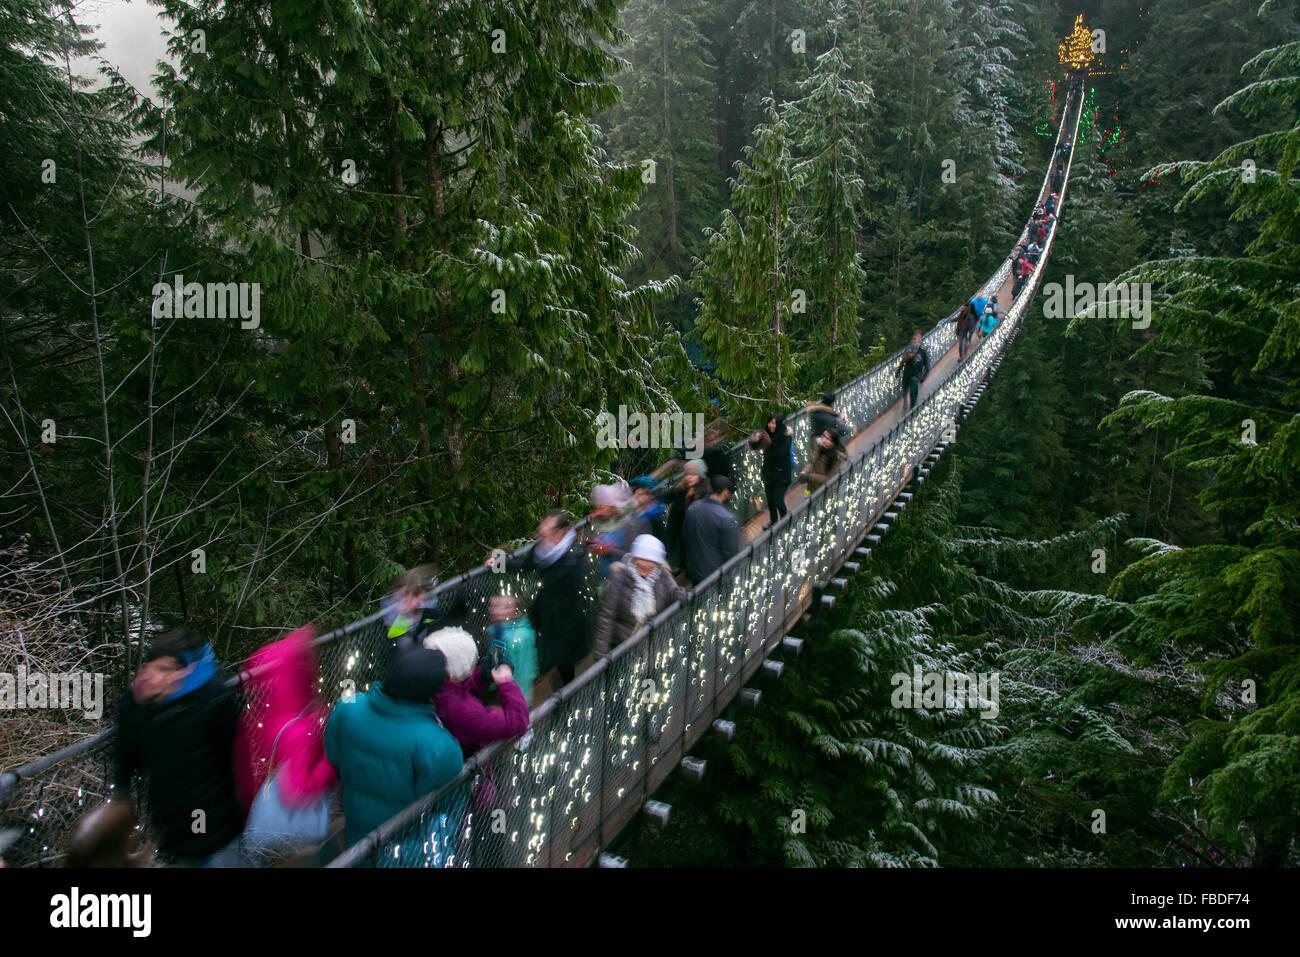 Capilano Suspension Bridge, Vancouver, British Columbia, Canada - Stock Image